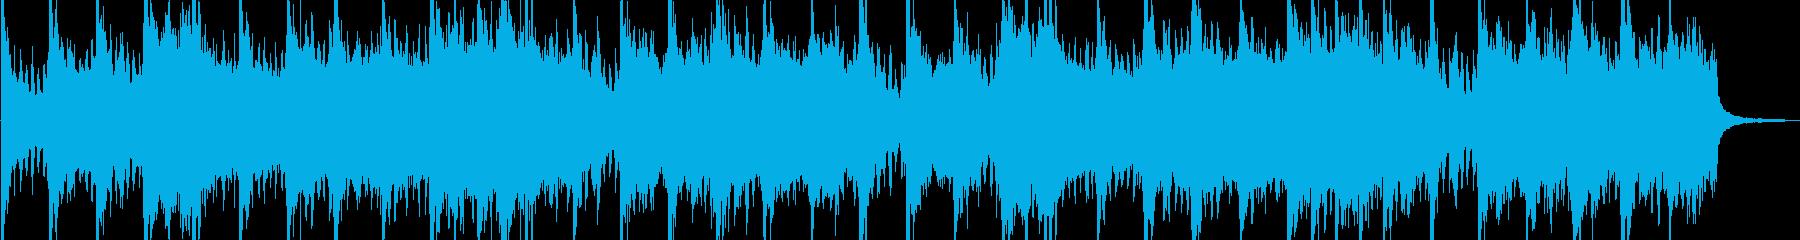 緊迫感 エピック系オーケストラの再生済みの波形